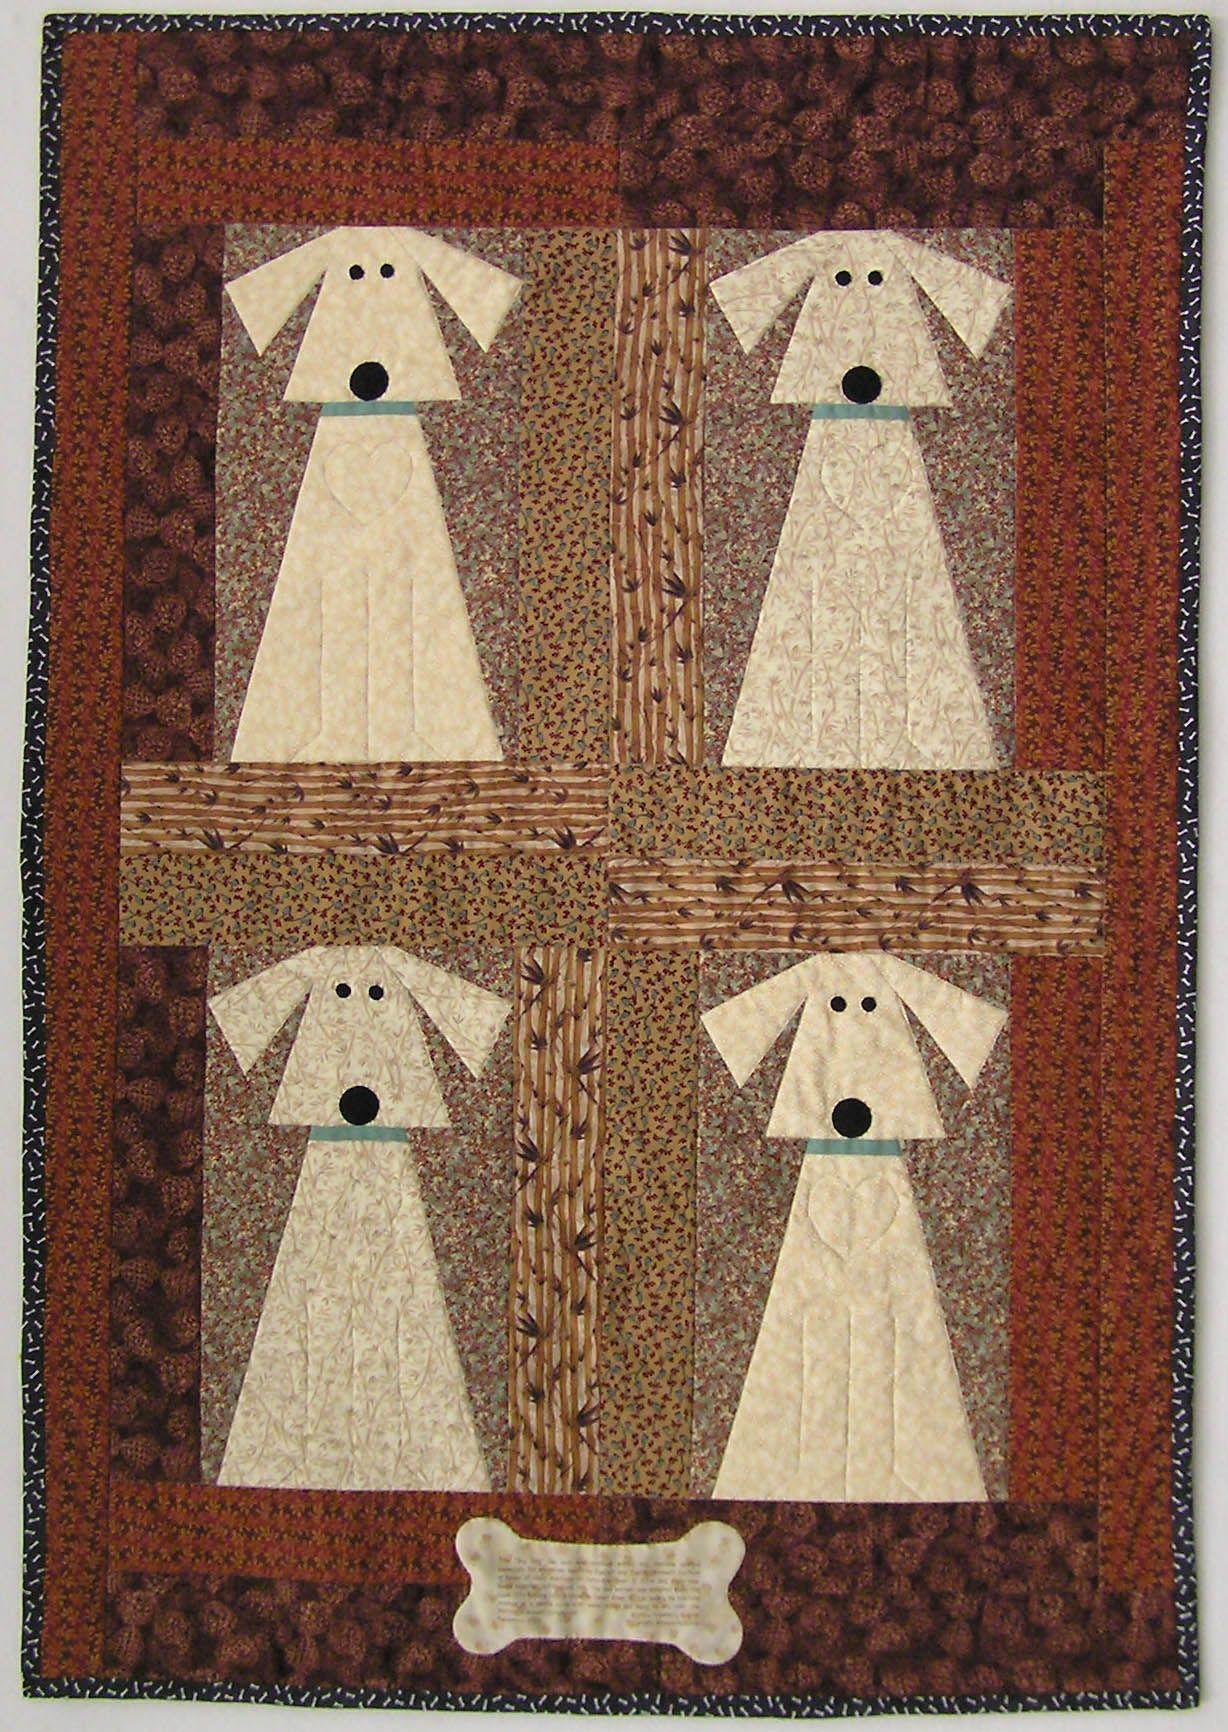 Dog Quilt Patterns : quilt, patterns, Quilts, Quilts,, Animal, Quilt